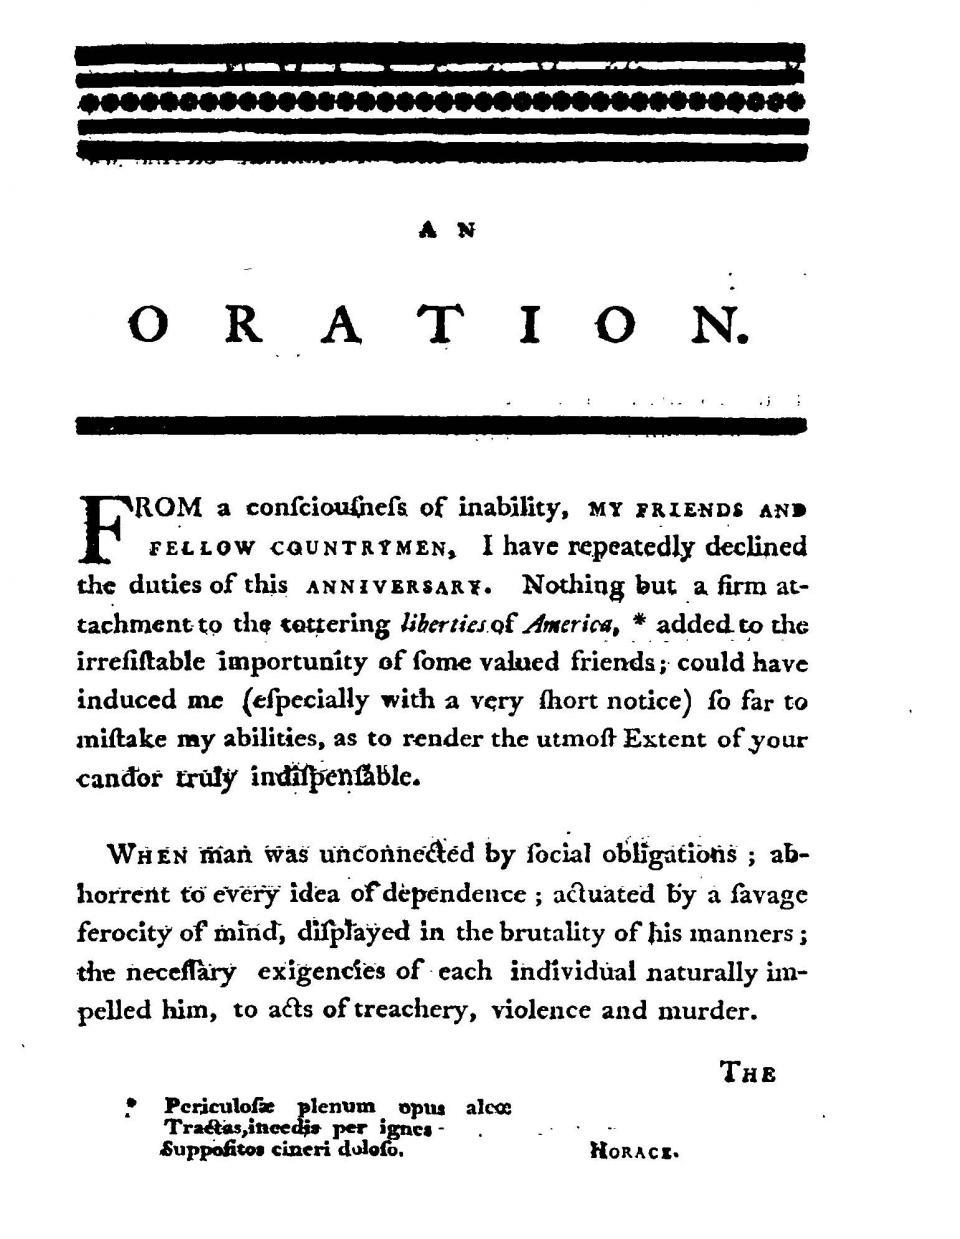 Oration pieces